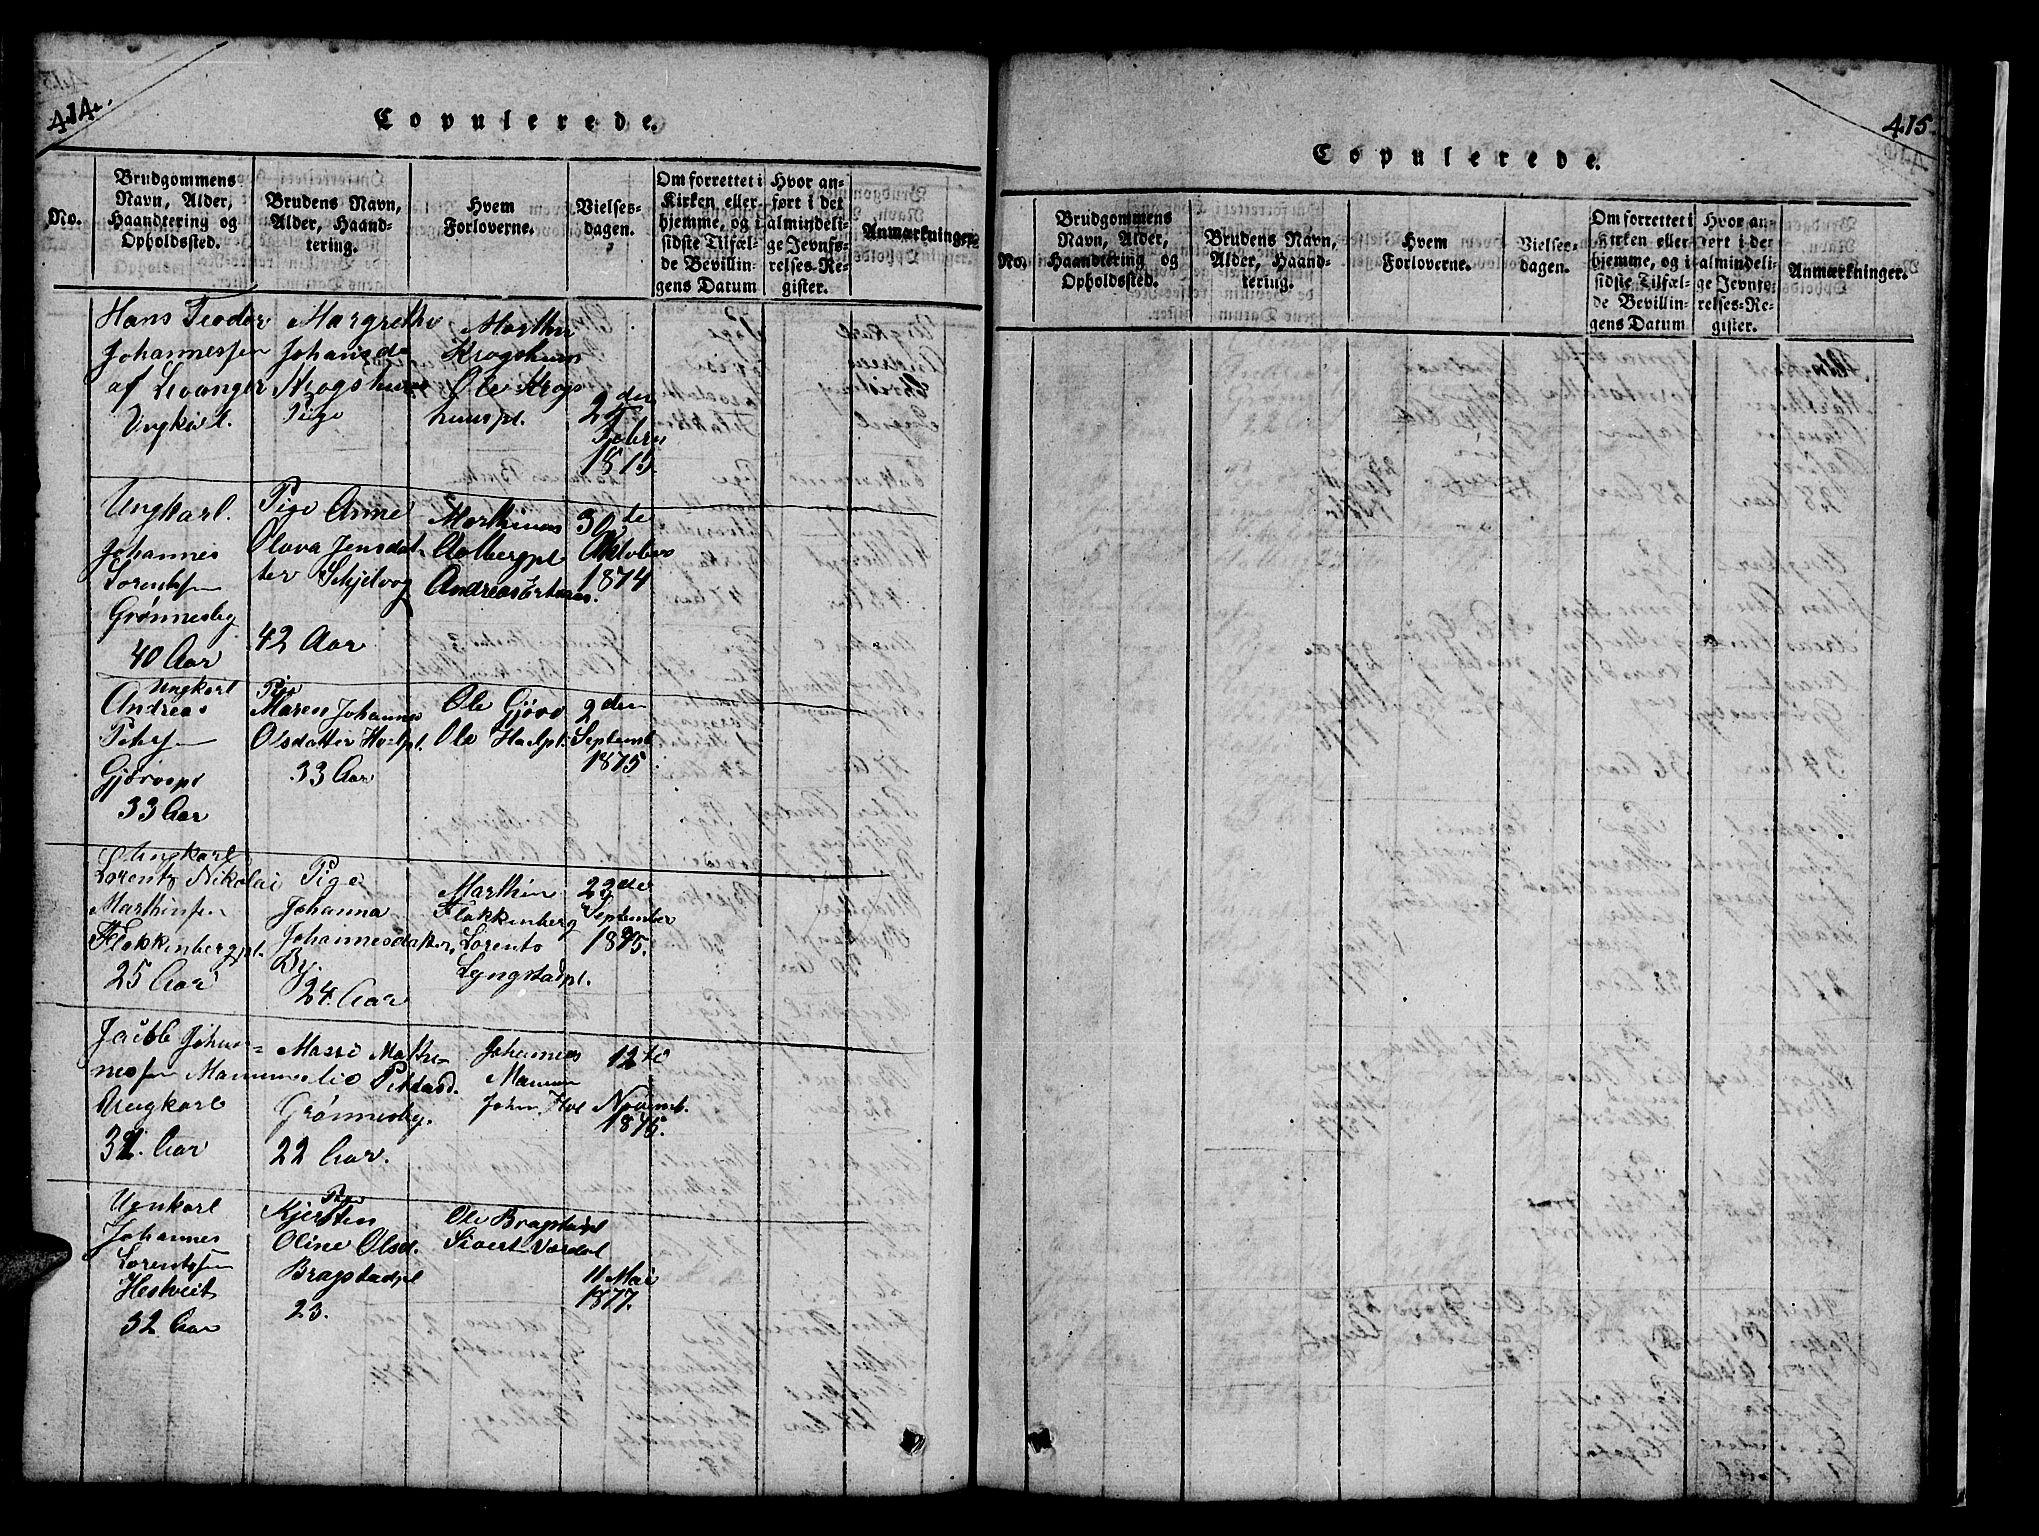 SAT, Ministerialprotokoller, klokkerbøker og fødselsregistre - Nord-Trøndelag, 732/L0317: Klokkerbok nr. 732C01, 1816-1881, s. 414-415